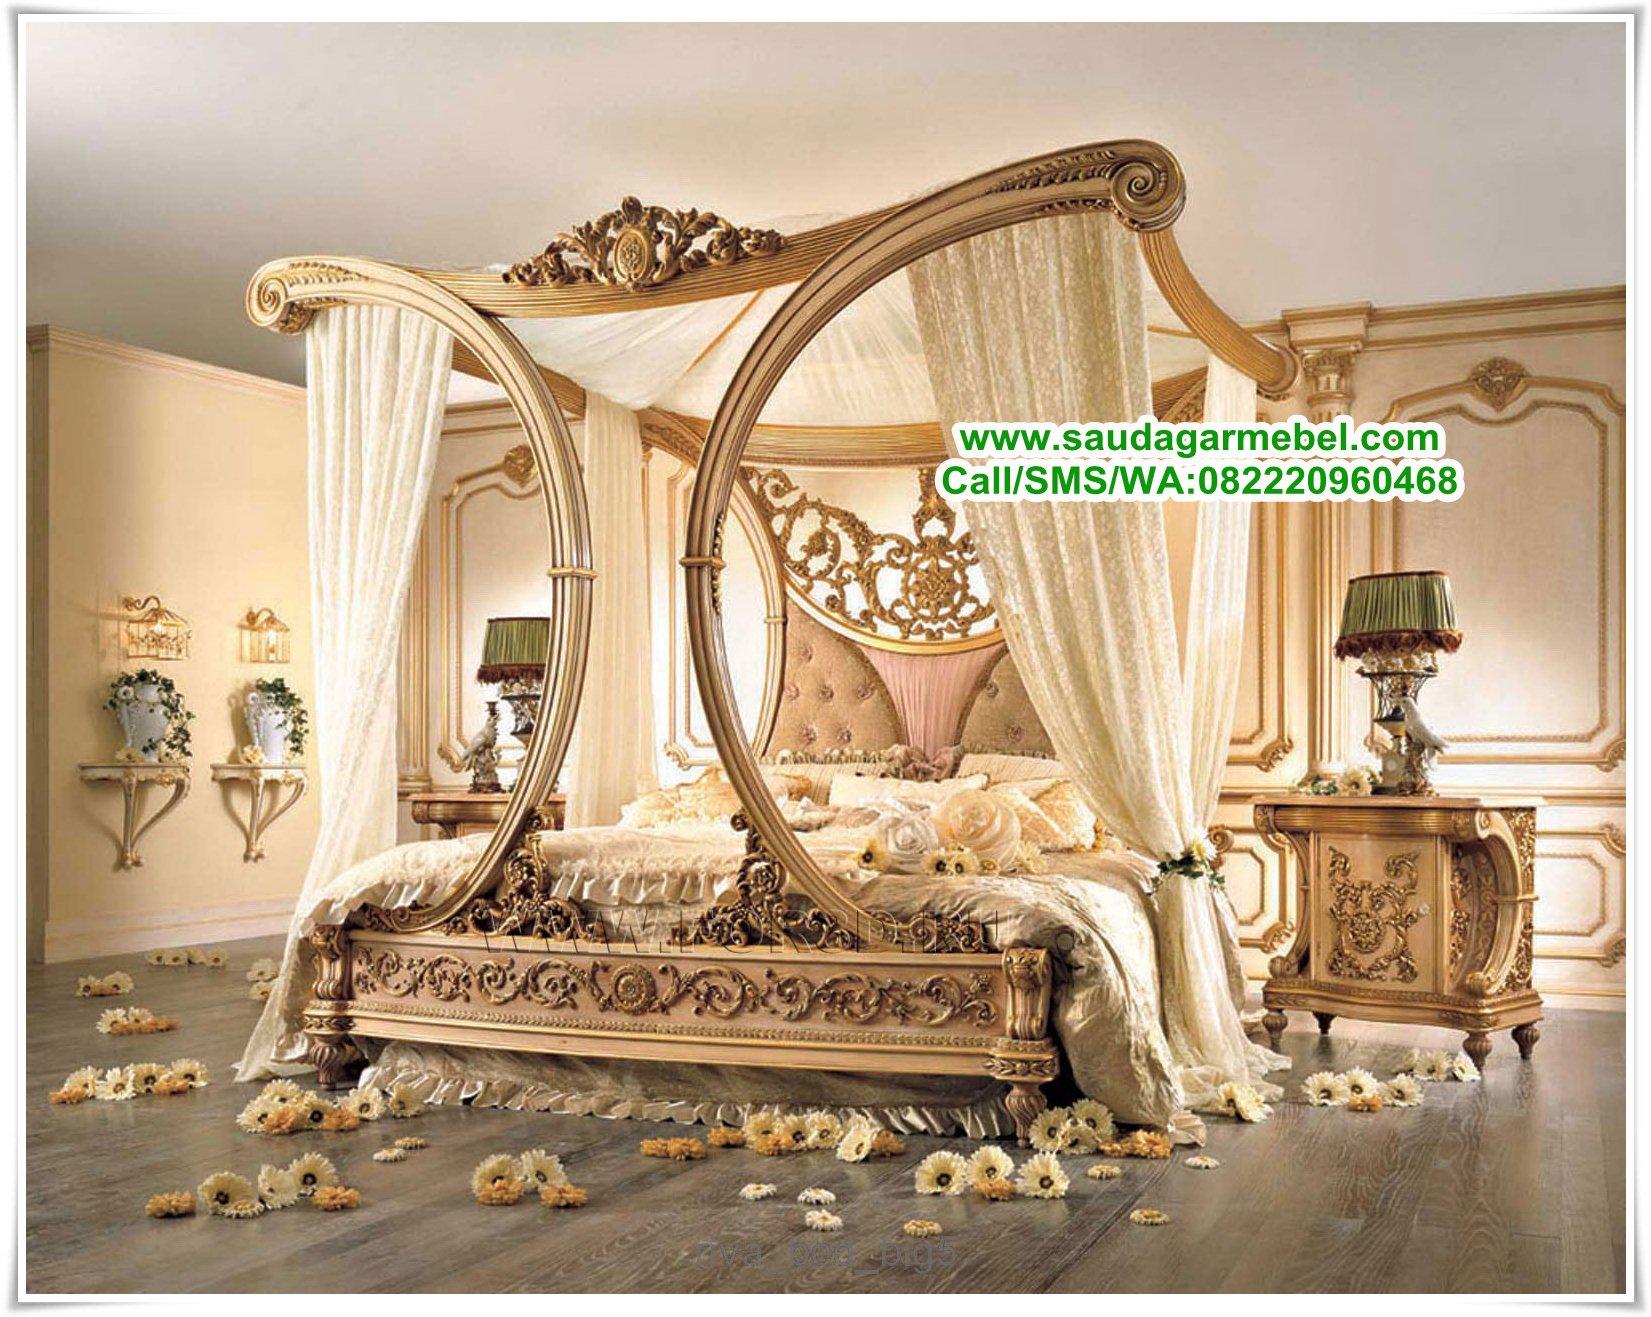 kamar set pengantin mewah terbaru, tempat tidur pengantin murah, kamar set jati, kamar set pengantin mewah, Kamar set mewah pengantin, set tempat tidur klasik mewah, set tempat tidur murah, set tempat tidur, set tempat tidur minimalis murah, set tempat tidur mewah, jual set tempat tidur anak, furniture set tempat tidur, harga set tempat tidur jati, set tempat tidur jati, set kamar tidur modern, set kamar tidur mewah, model tempat tidur satu set, jual tempat tidur satu set, set kamar tidur, kamar tidur, set kamar tidur mewah duco, set kamar tidur mewah modern, kamar tidur mewah, tempat tidur mewah, harga kamar set duco, kamar tidur mewah syahrini, harga set amar tidur mewah, set kamar tidur mewah minimalis, Furniture malang, furniture jakarta, furniture pontianak, harga furniture terbaru, furniture papua, furniture makassar, furniture pontianak, toko mebel online, furniture jepara, furniture minimalis, mebel jepara, toko furniture jepara, saudagar mebel, furniture minimalis jepara